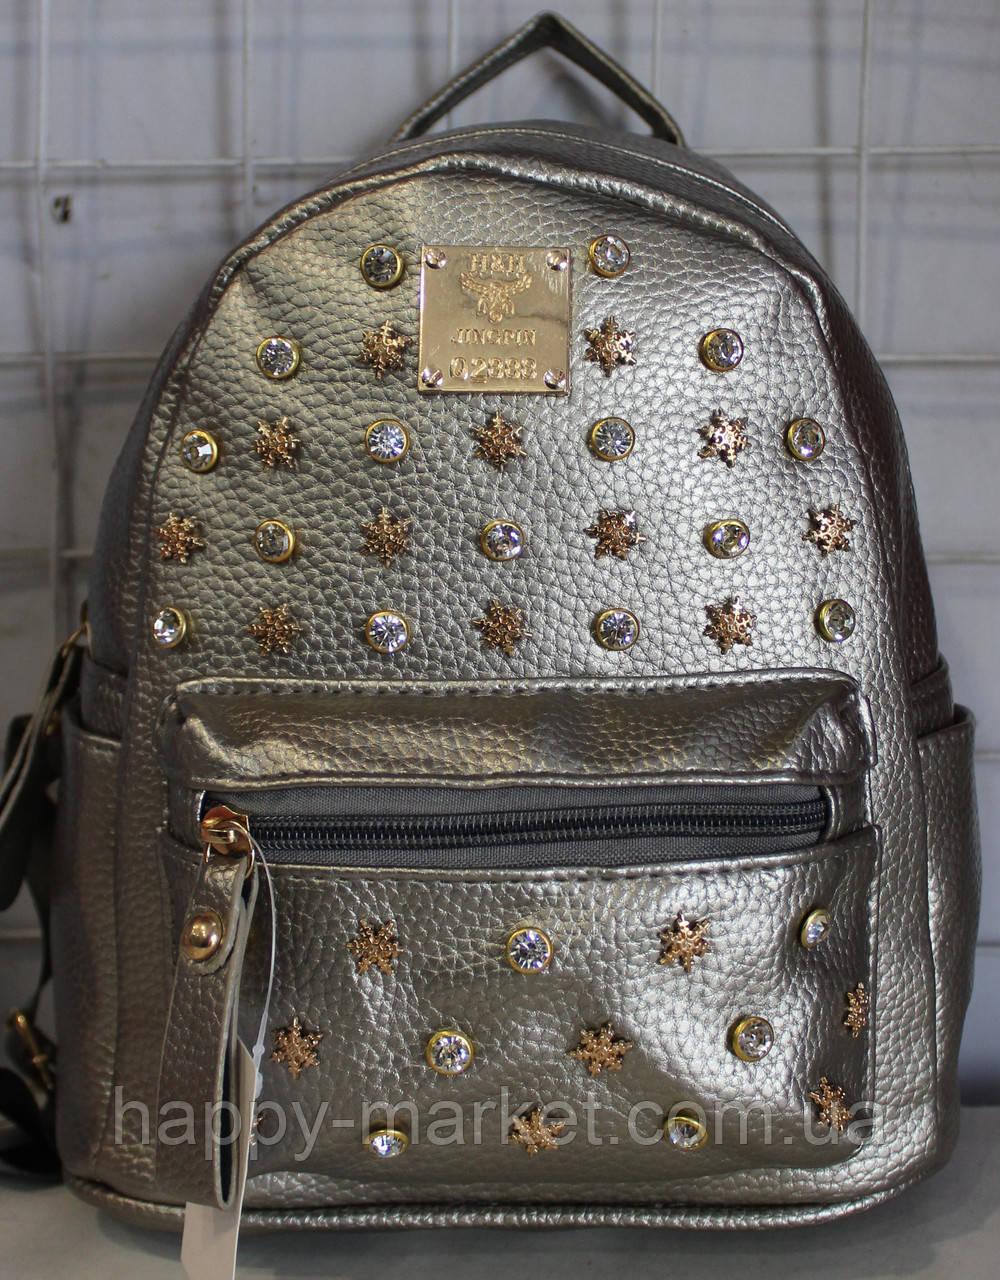 Ранец Рюкзак Стильный Искусственная Экко-кожа с камнями  K 17-501-15